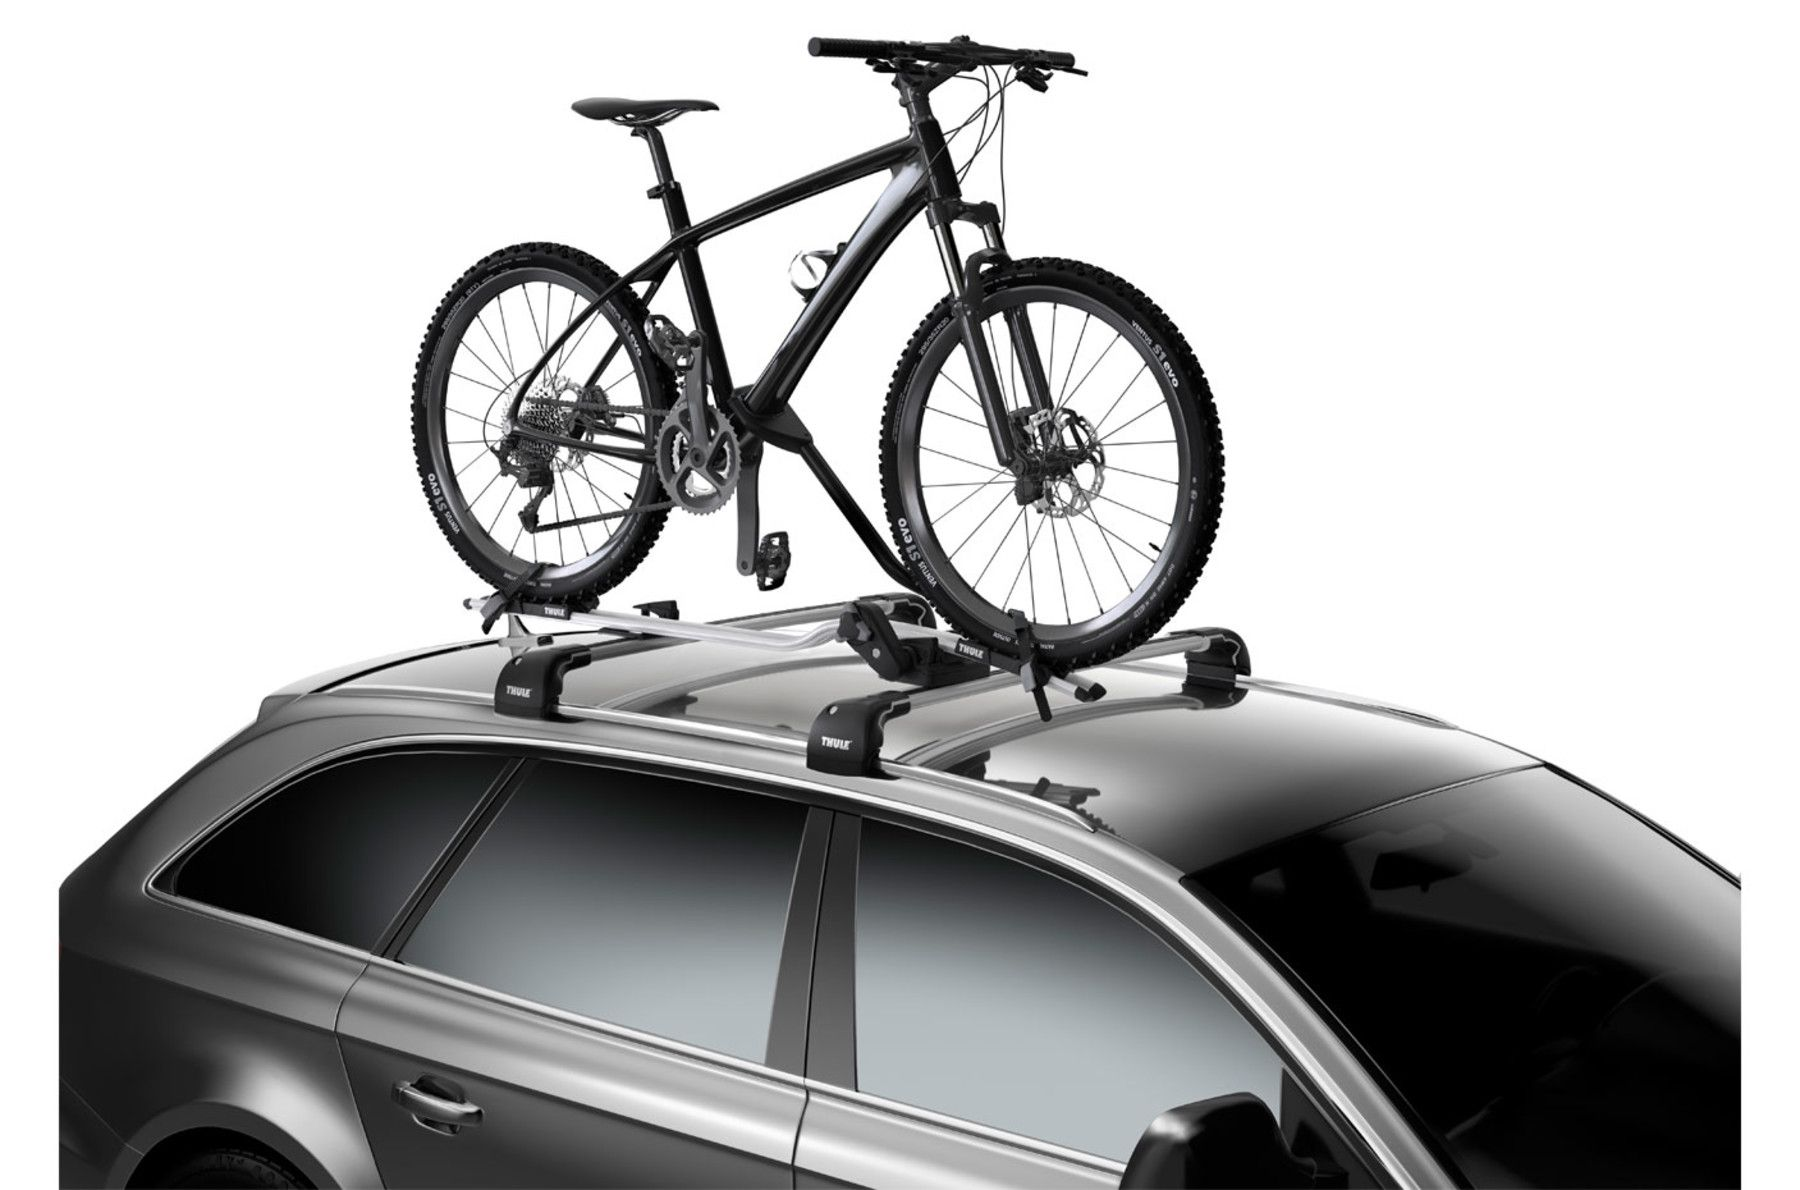 Suporte de Teto para Bicicleta Thule ProRide